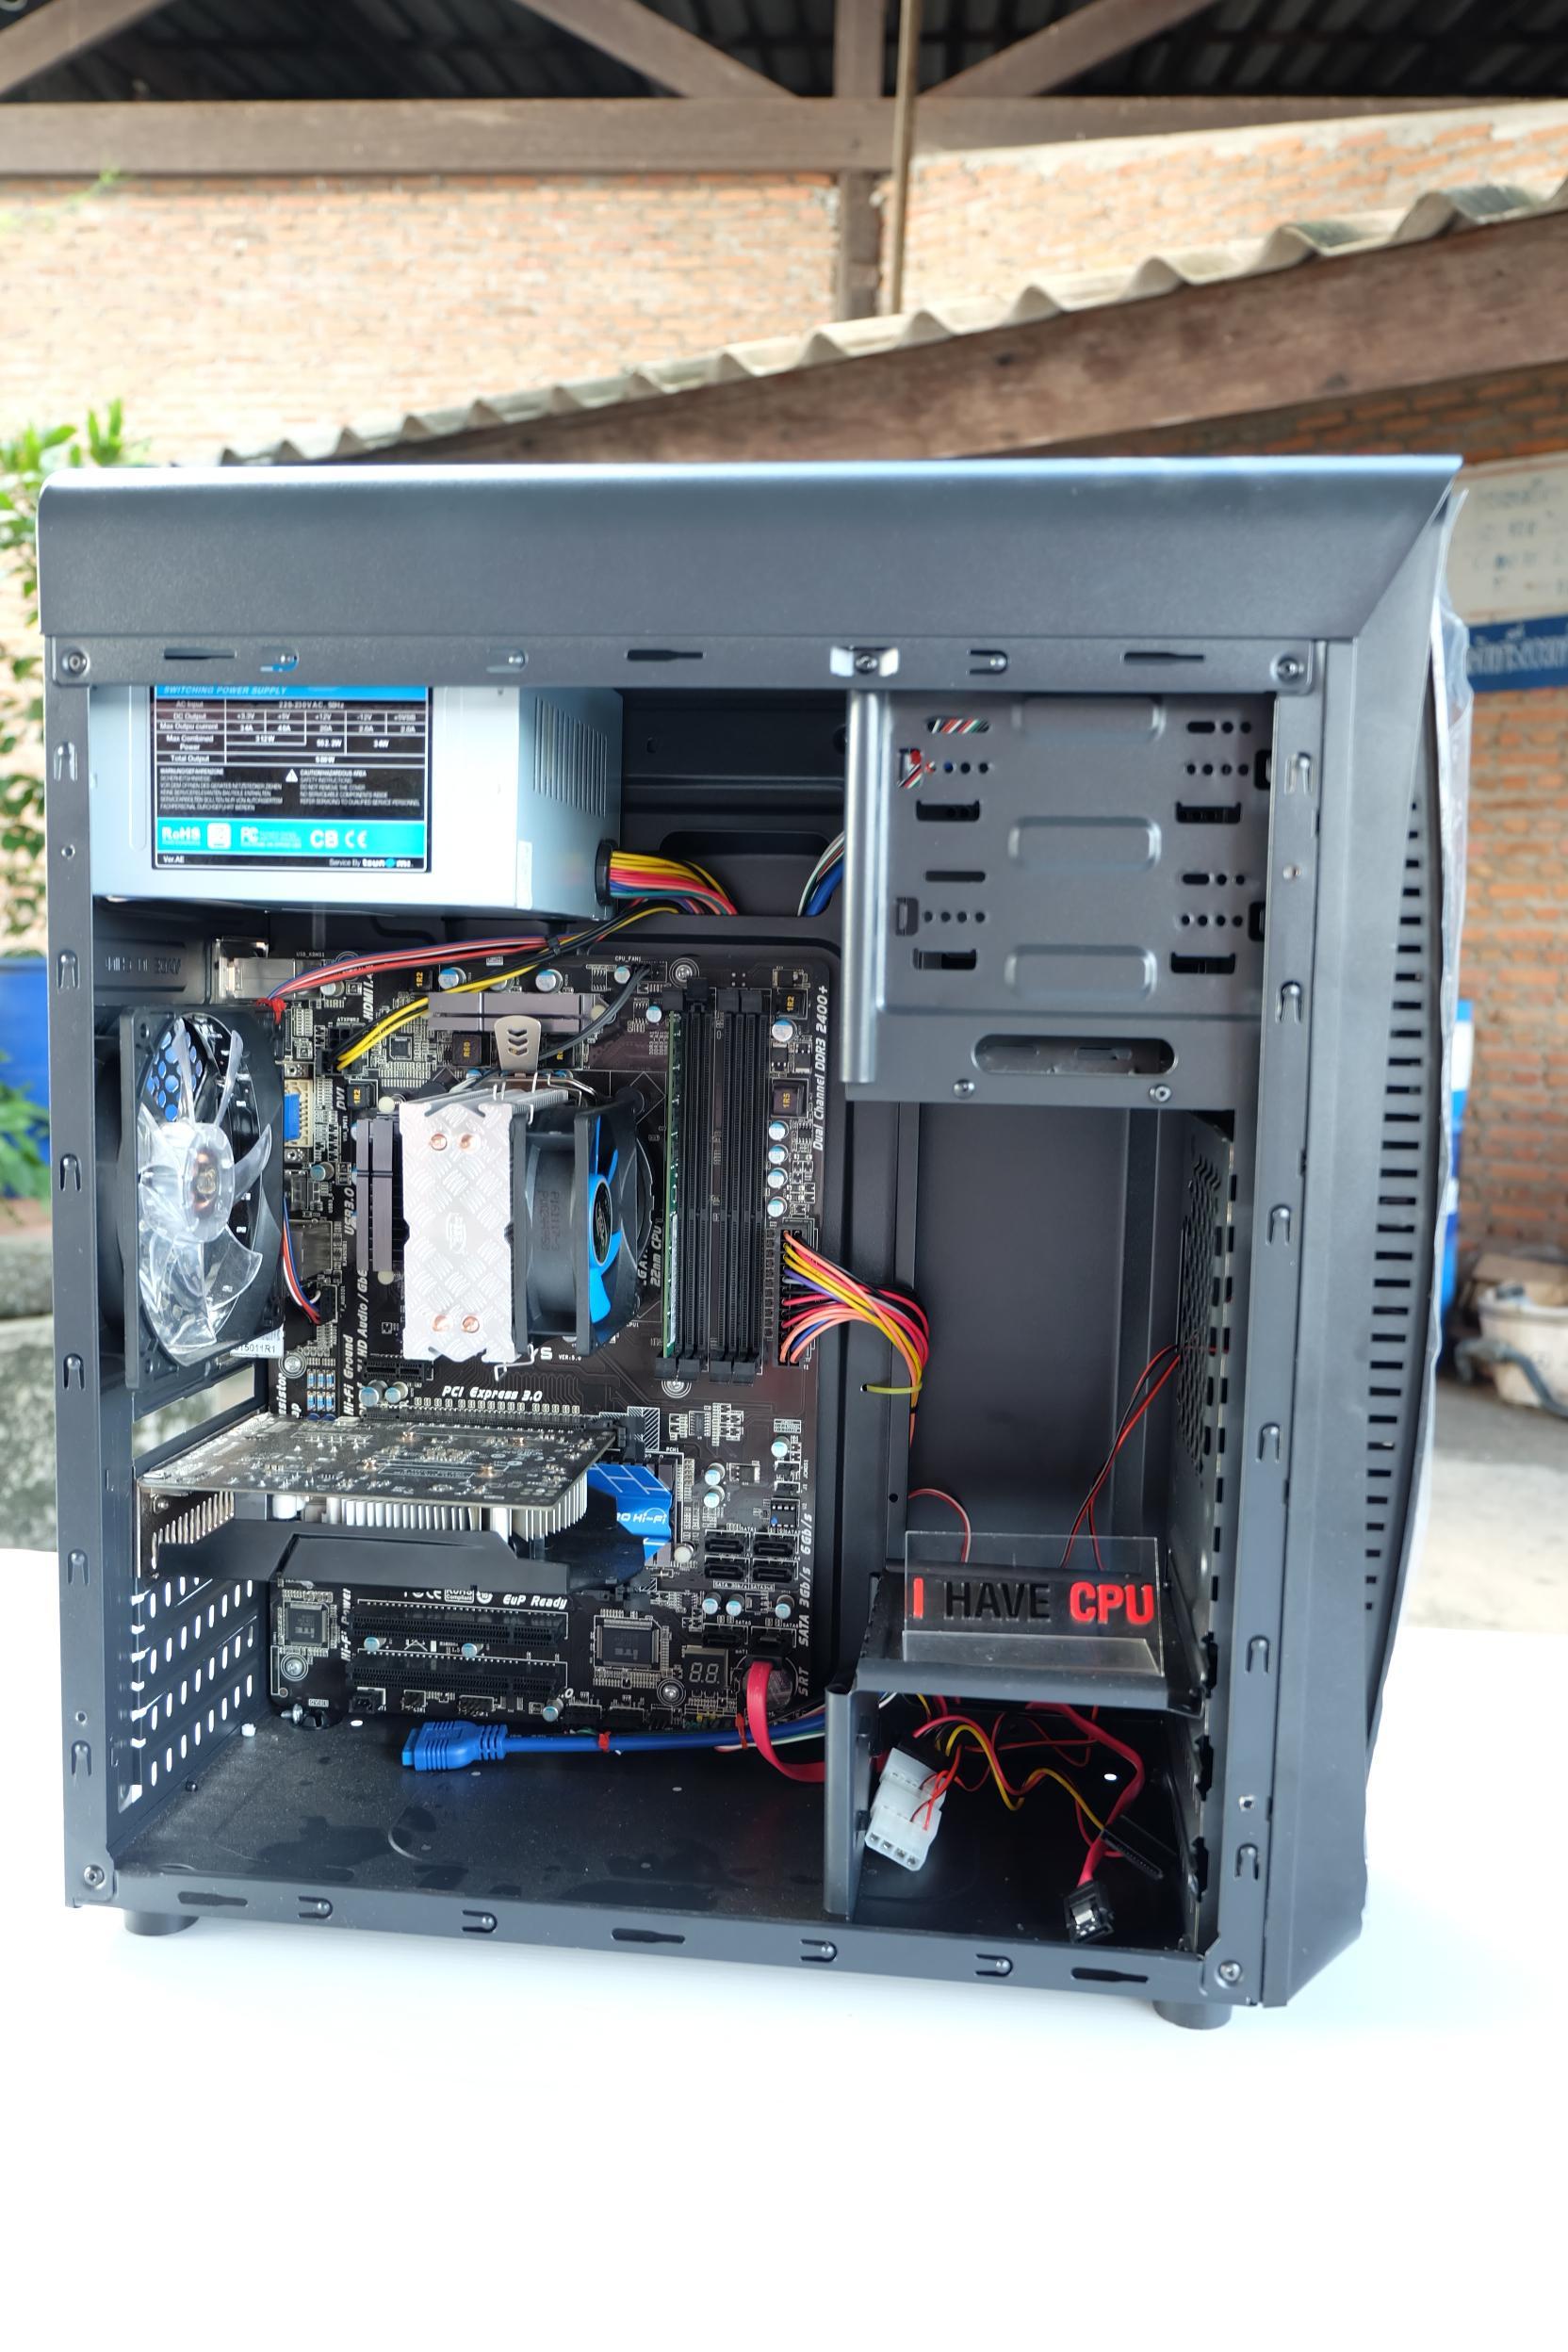 i7-3770 / H77 / 8GB / GTX 750 Ti / 320GB / CASE